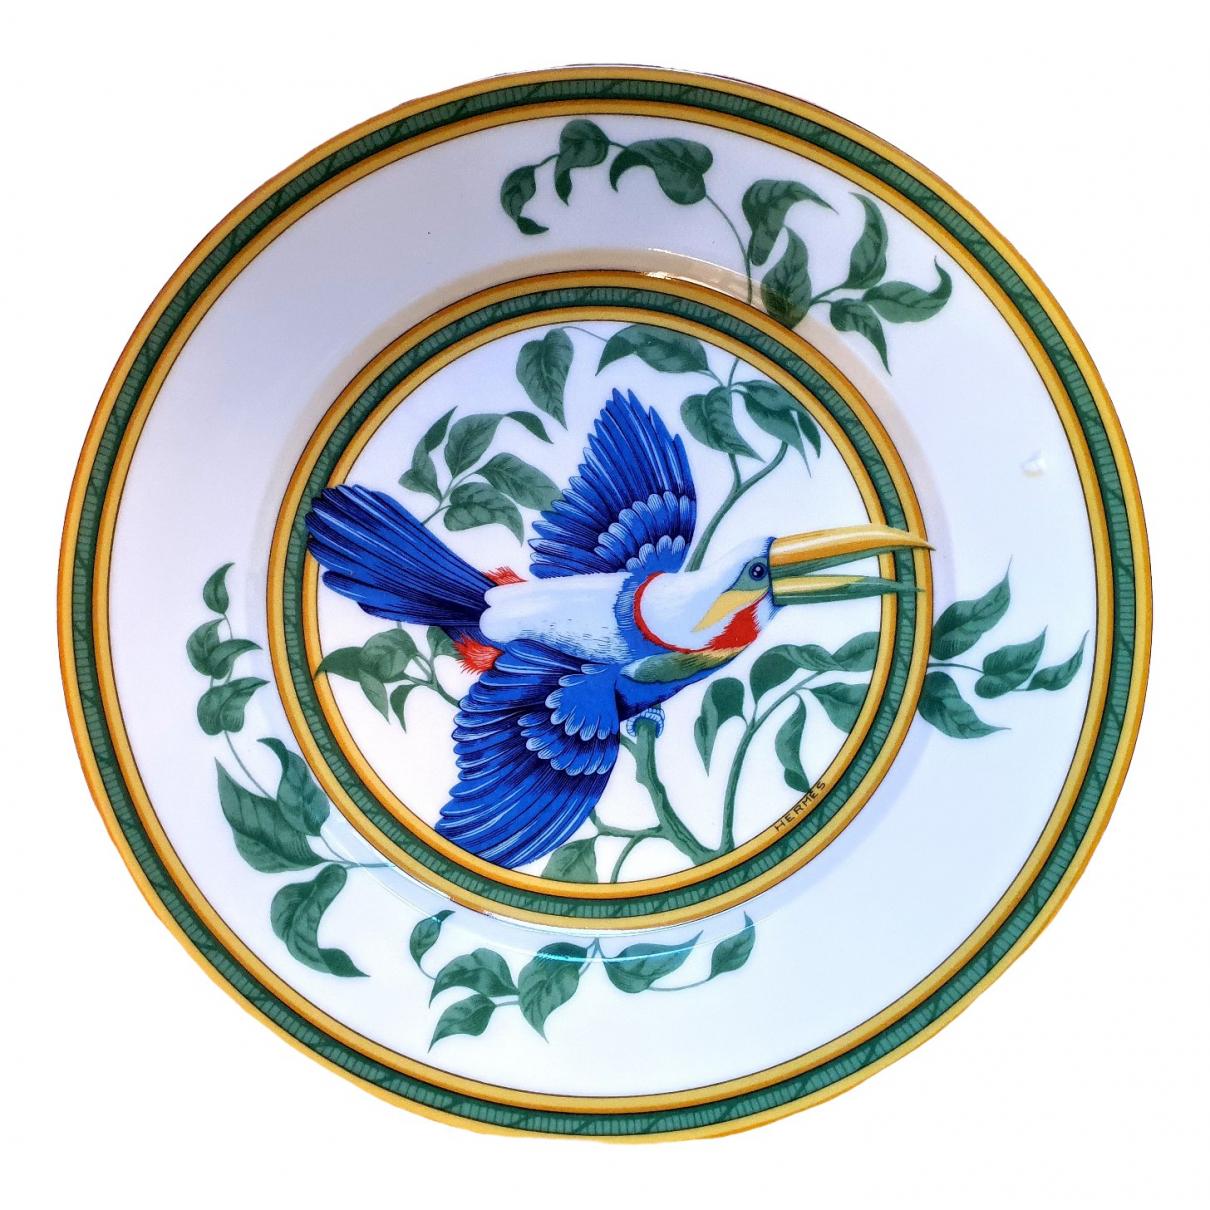 Hermes - Arts de la table Toucans pour lifestyle en porcelaine - blanc